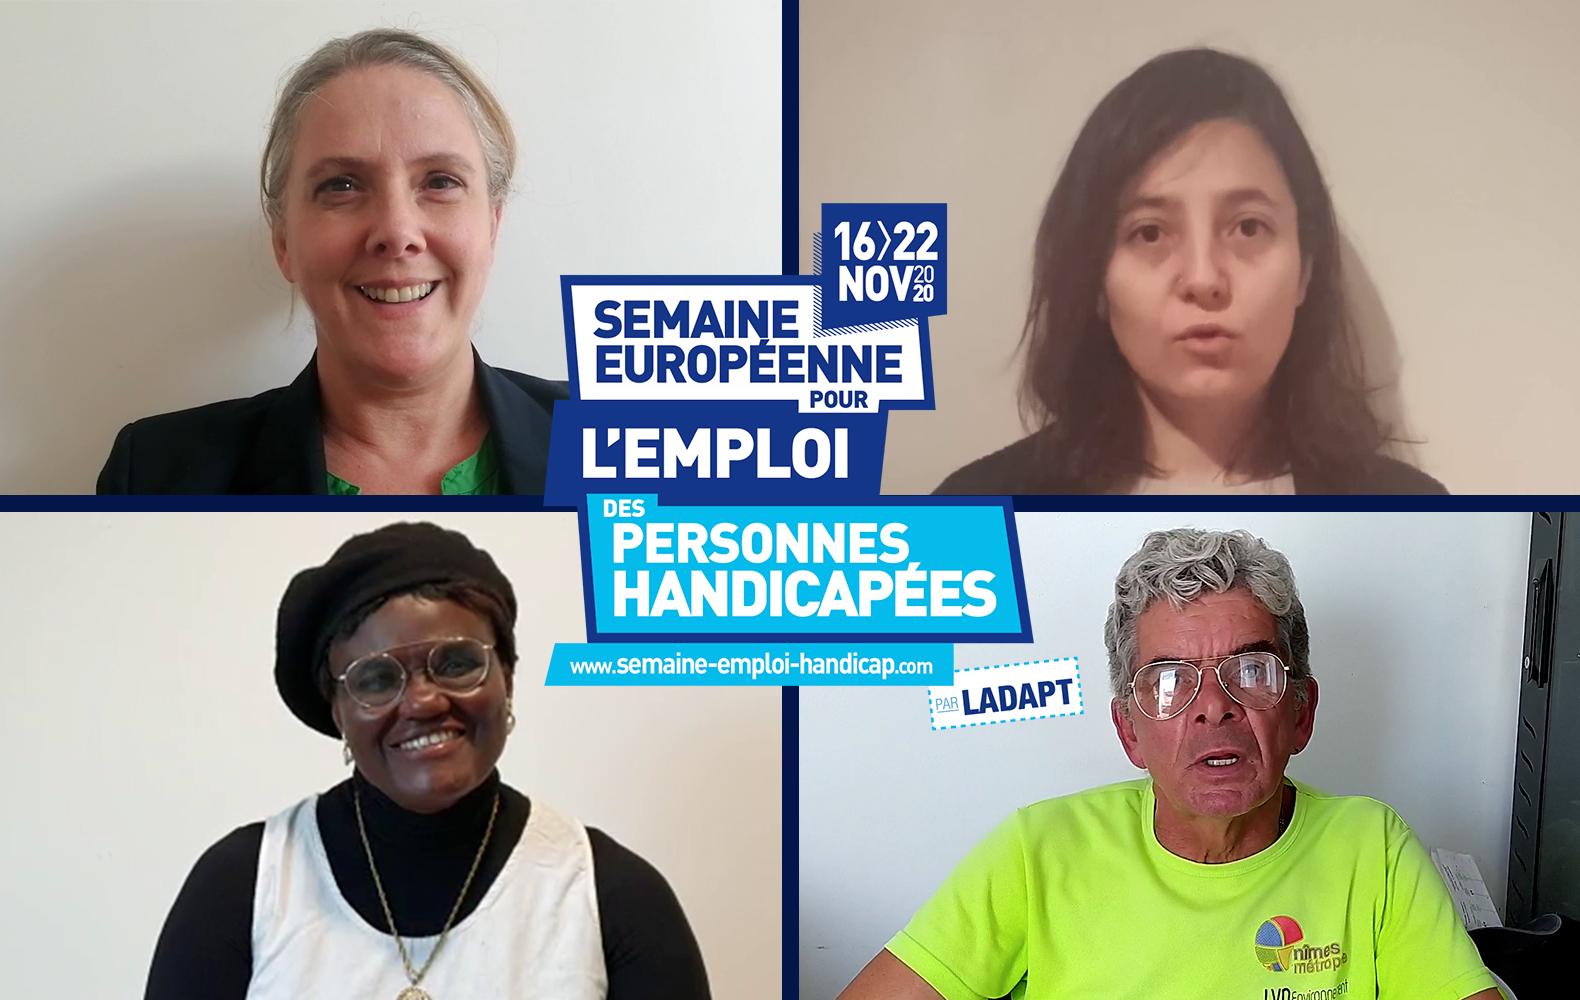 La semaine européenne de l'emploi des personnes handicapées